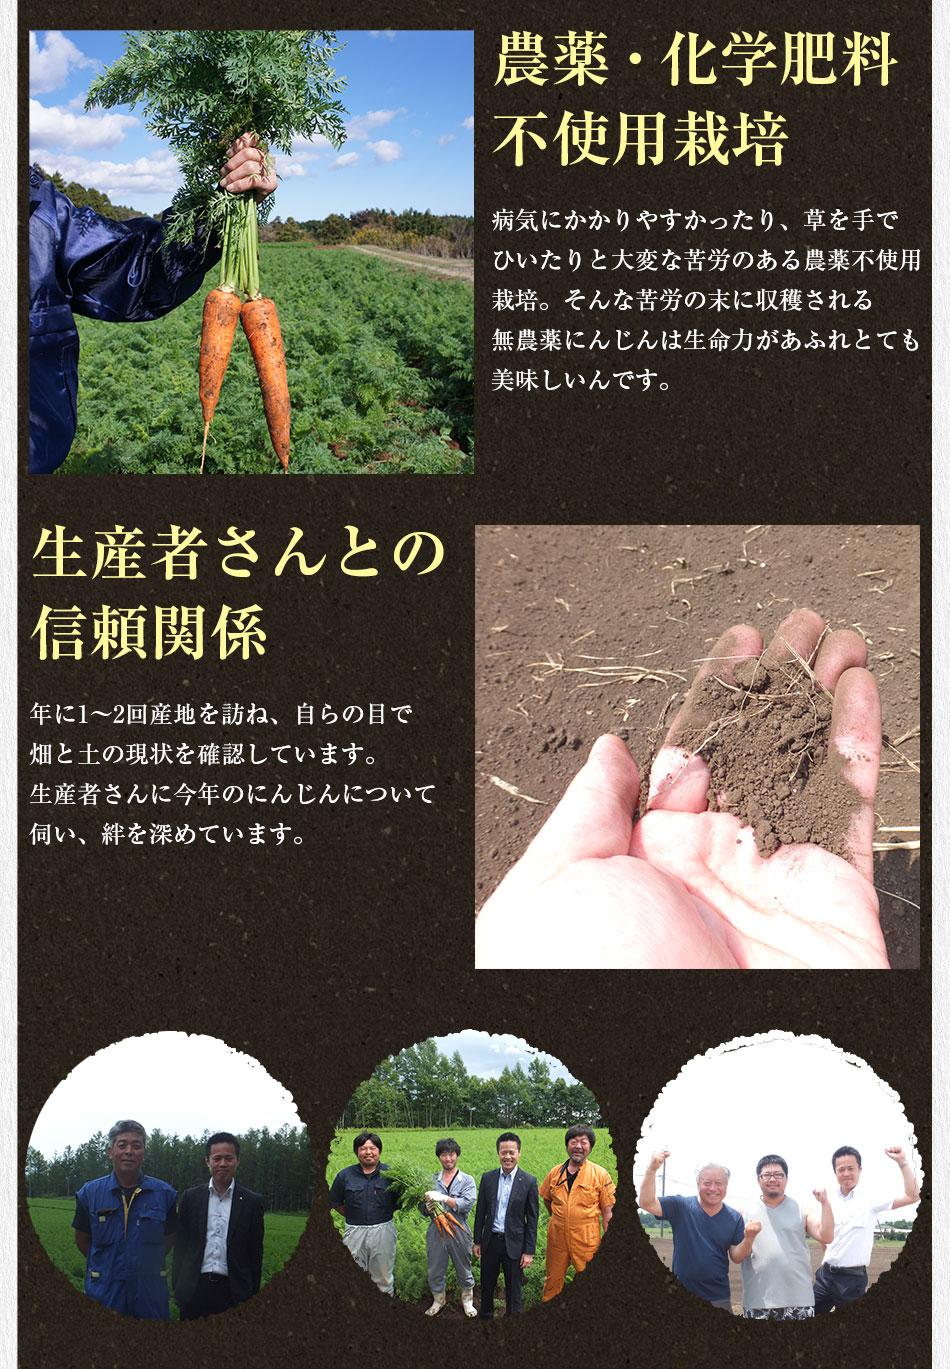 農薬・化学肥料不使用栽培 生産者さんとの信頼関係